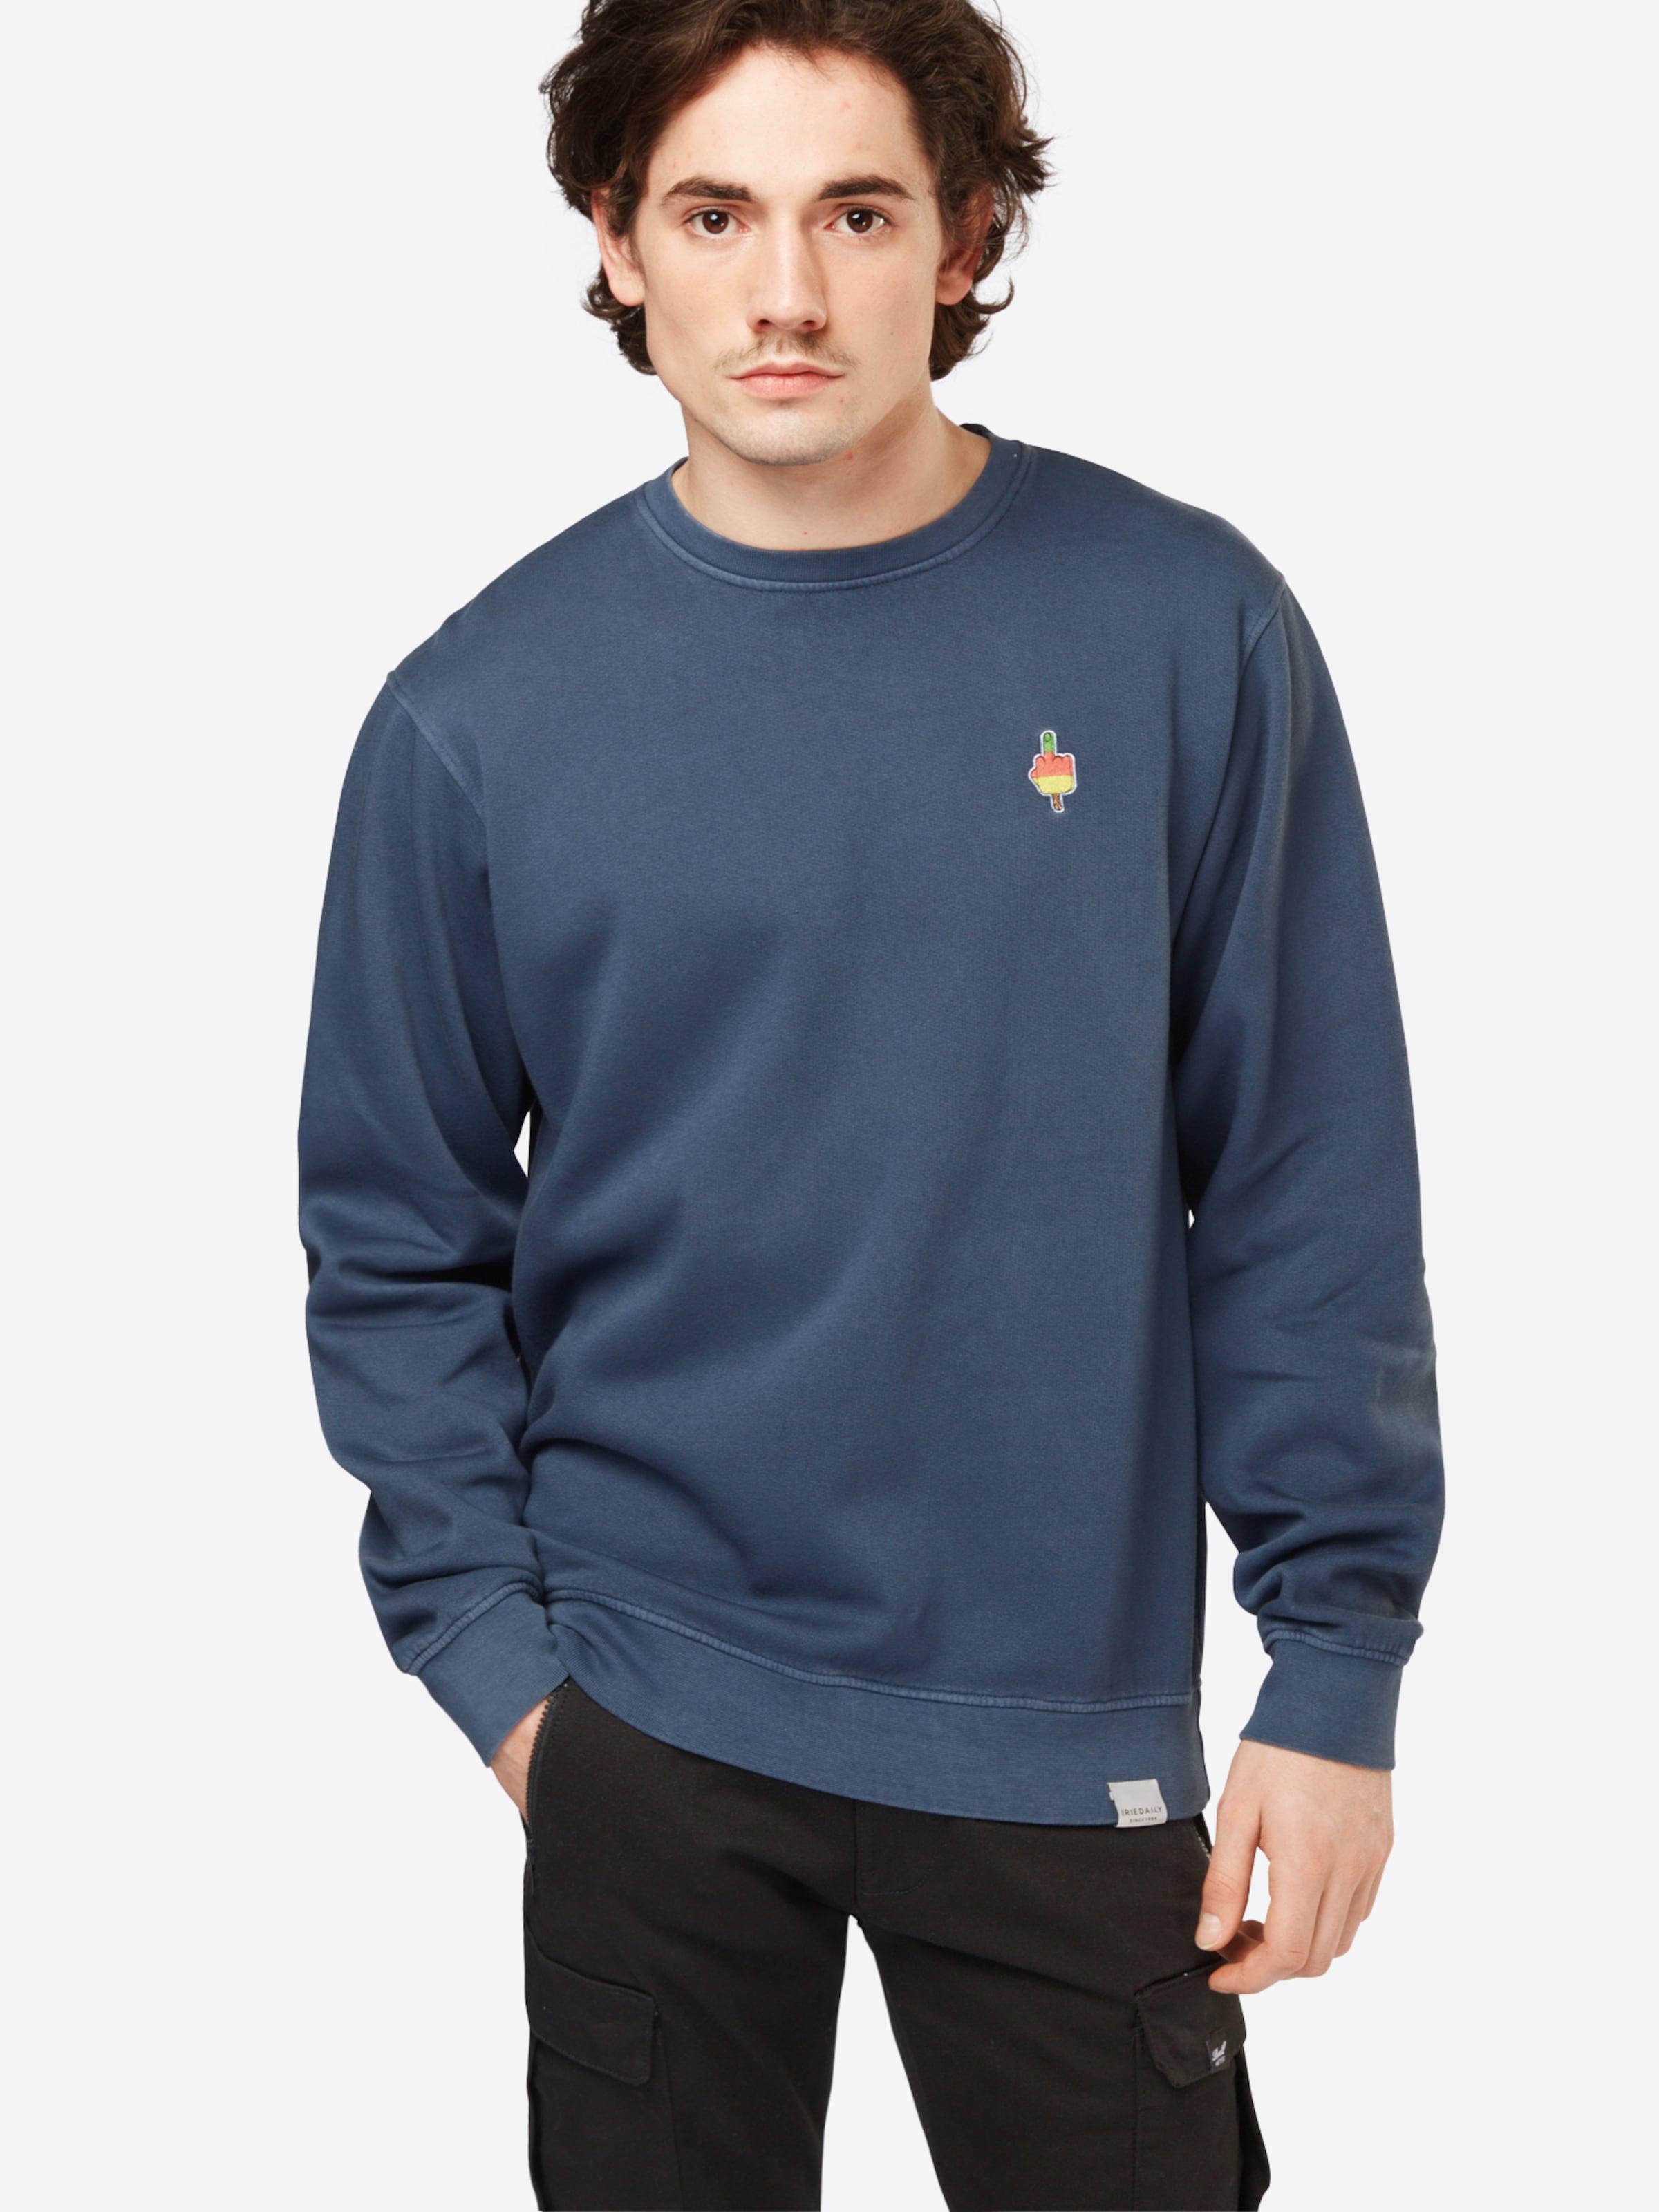 Footlocker Günstig Online Iriedaily Sweater 'Flutscher Crew' Rabatt Offiziell Auslass 2018 Neu 9UPUfO6